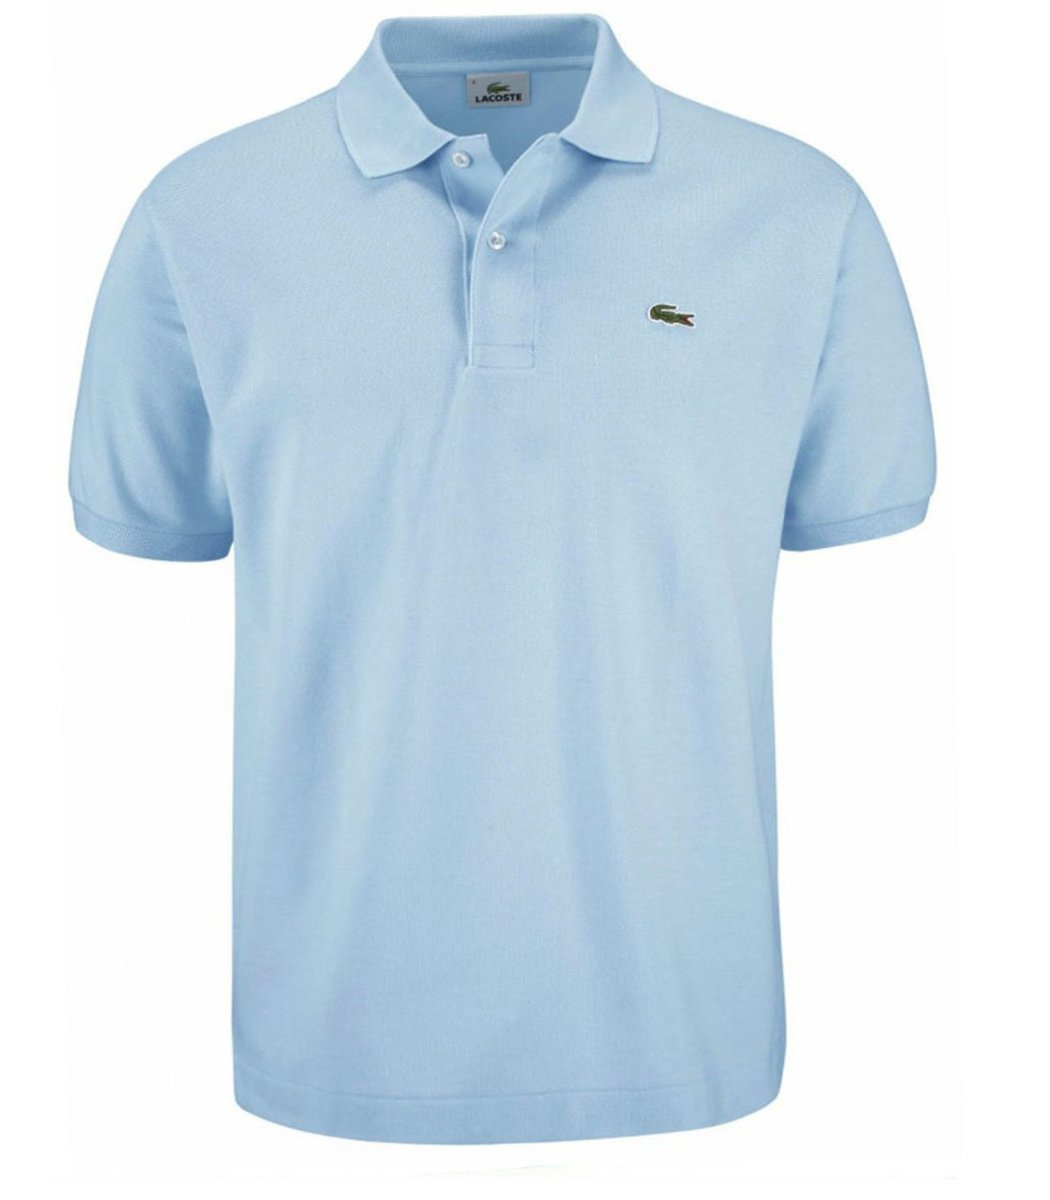 Мужская светло-голубая футболка поло Lacoste